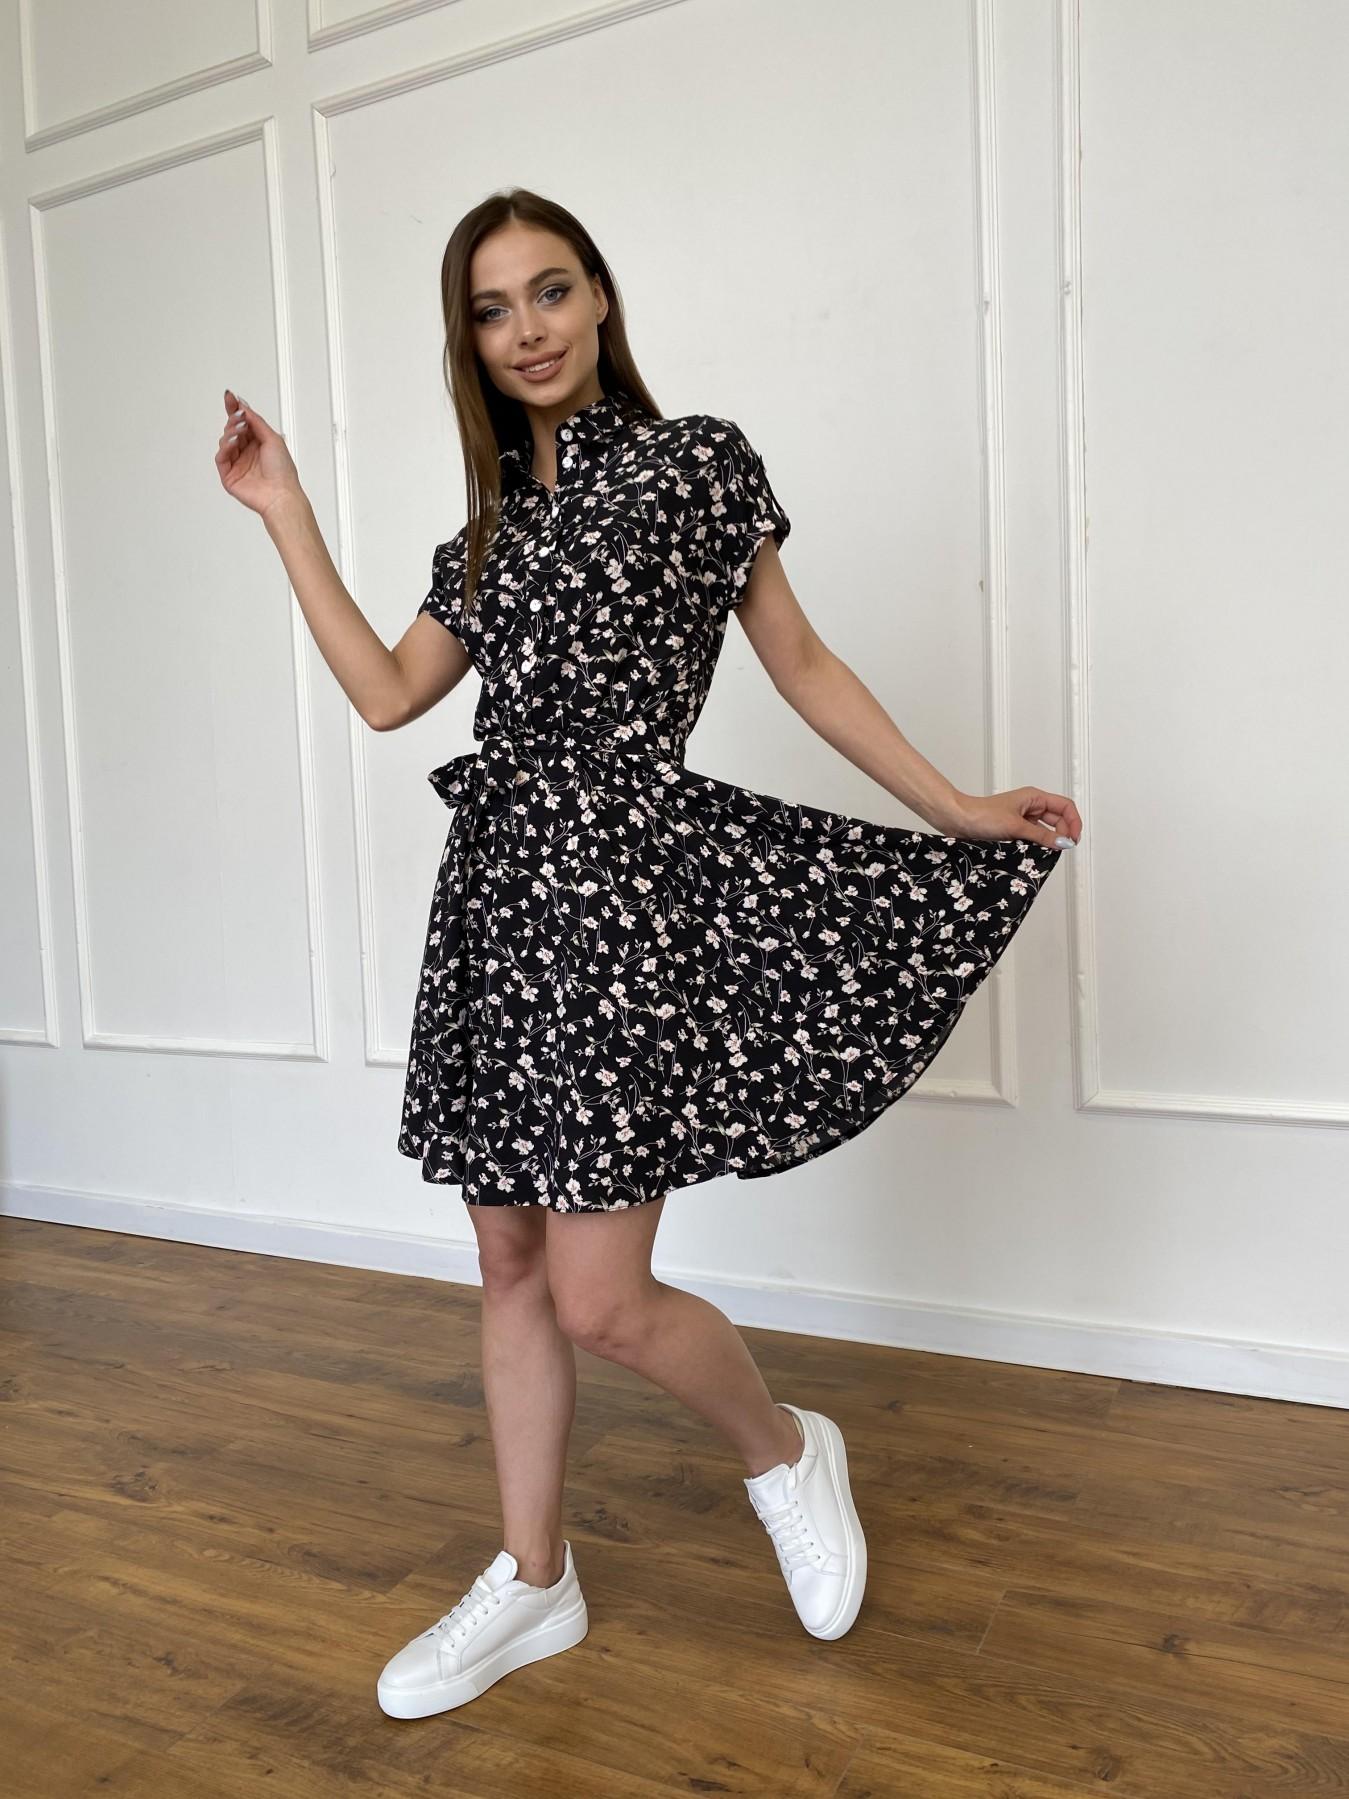 Санжар платье из ткани софт в принт 11215 АРТ. 47728 Цвет: Черный/молоко, Цветы - фото 1, интернет магазин tm-modus.ru